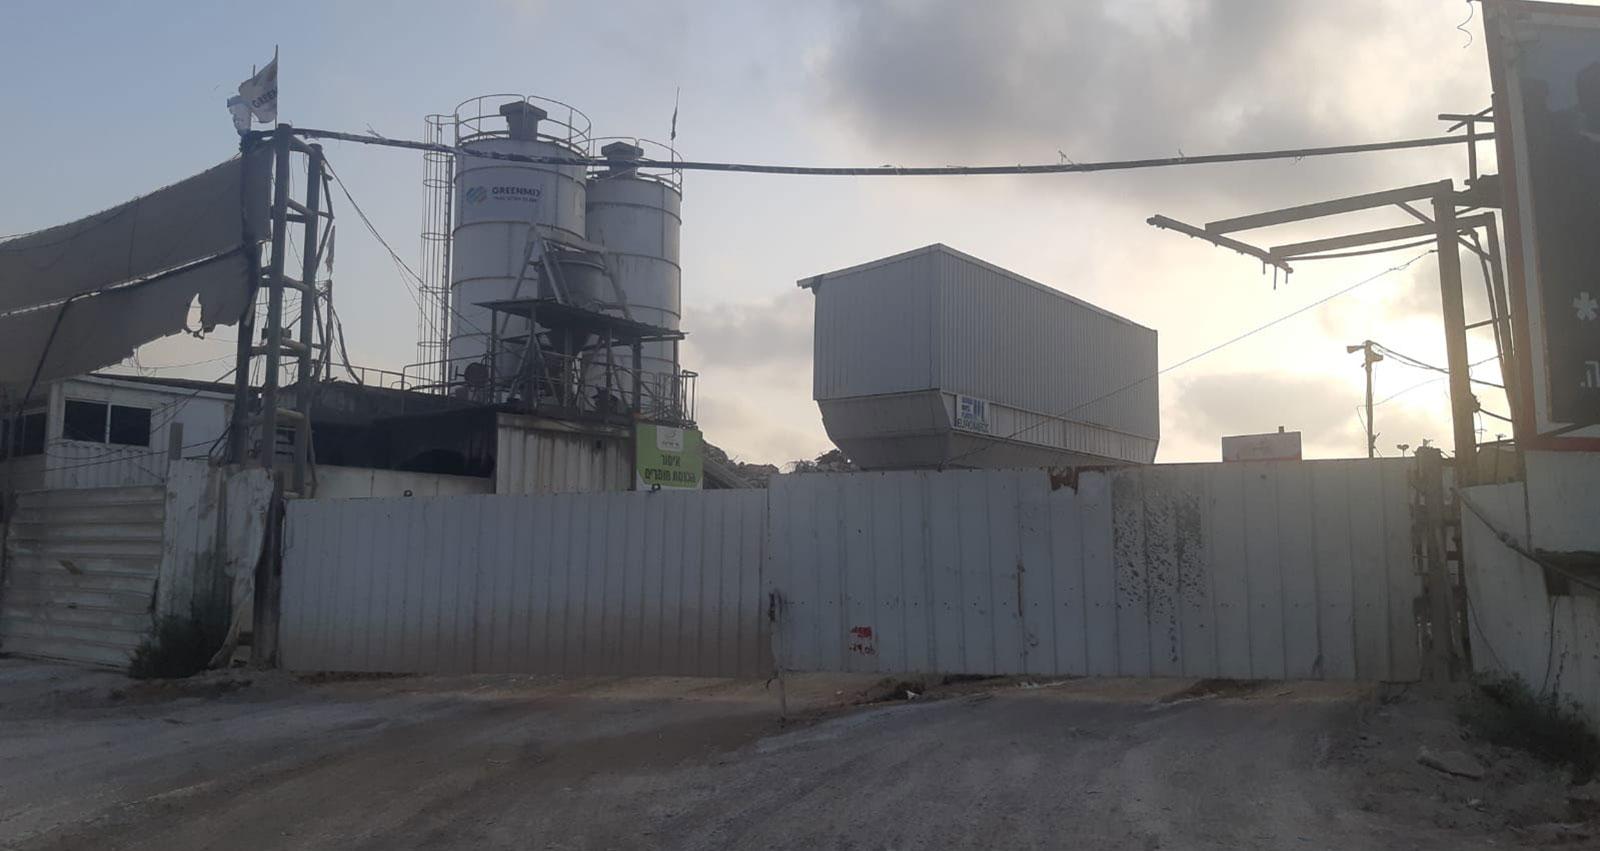 מפעל מיחזור בני וצביקה בהרצליה